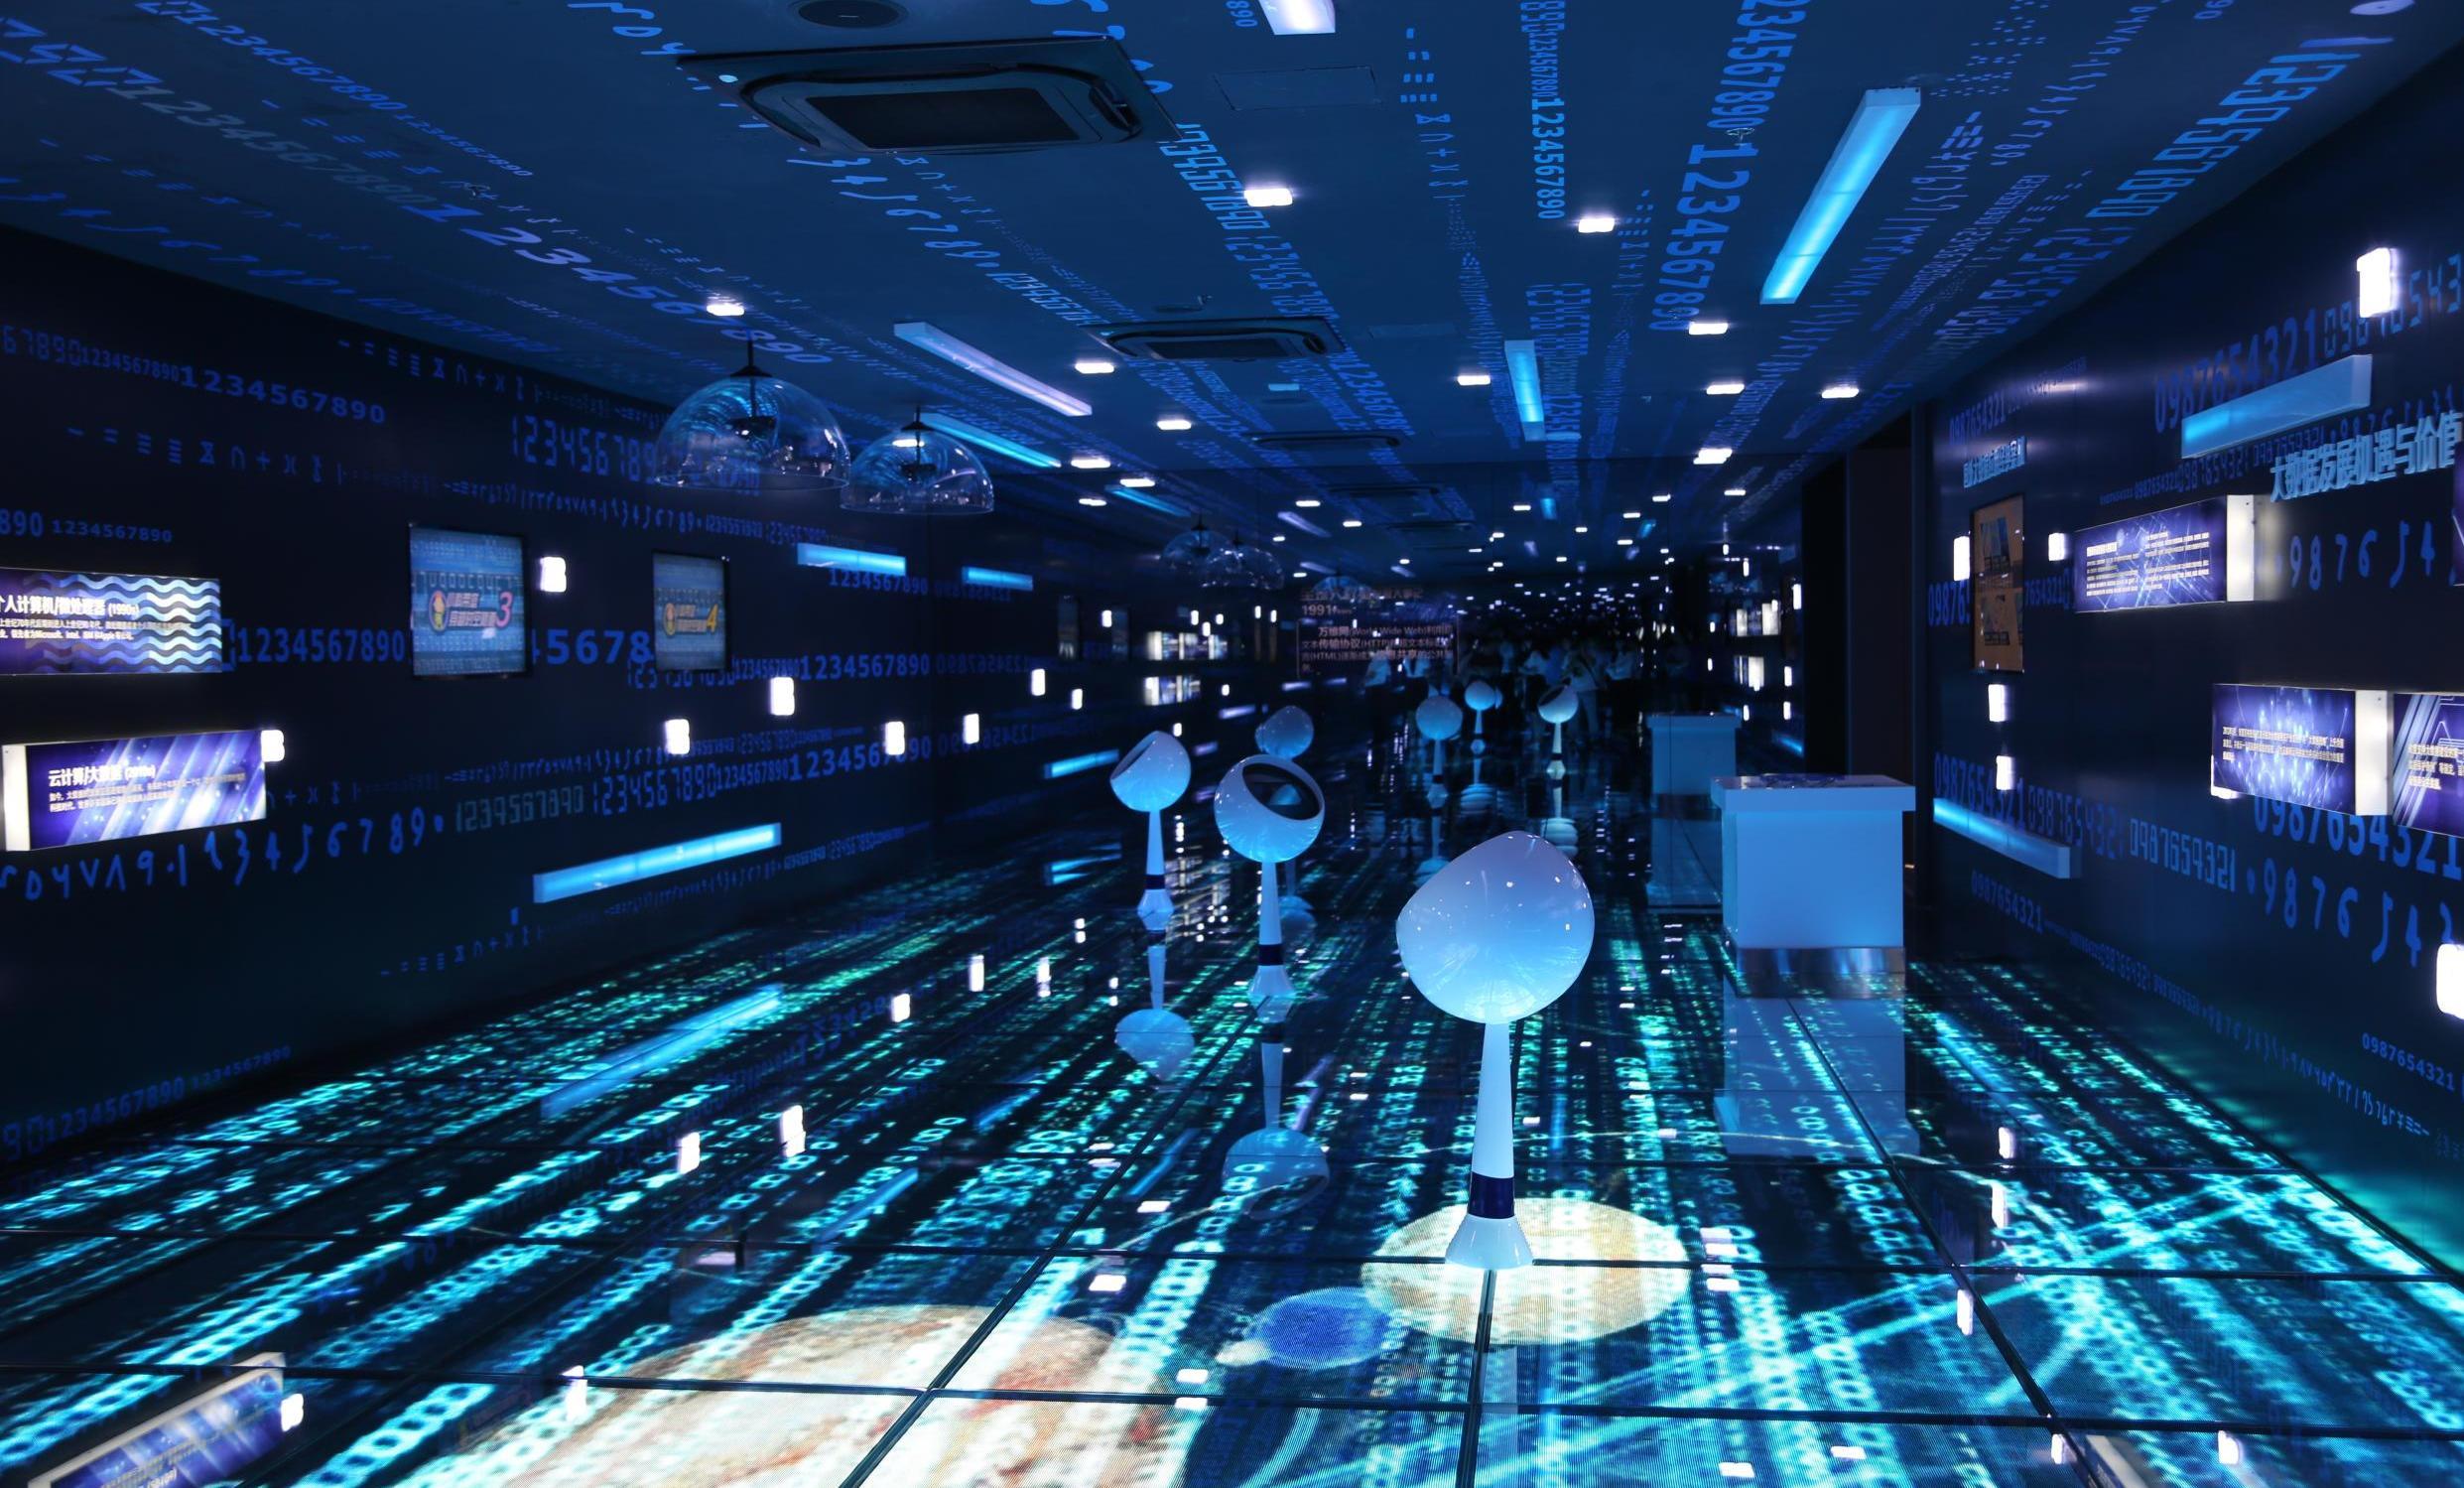 数据中心产业未来发展聚焦于服务